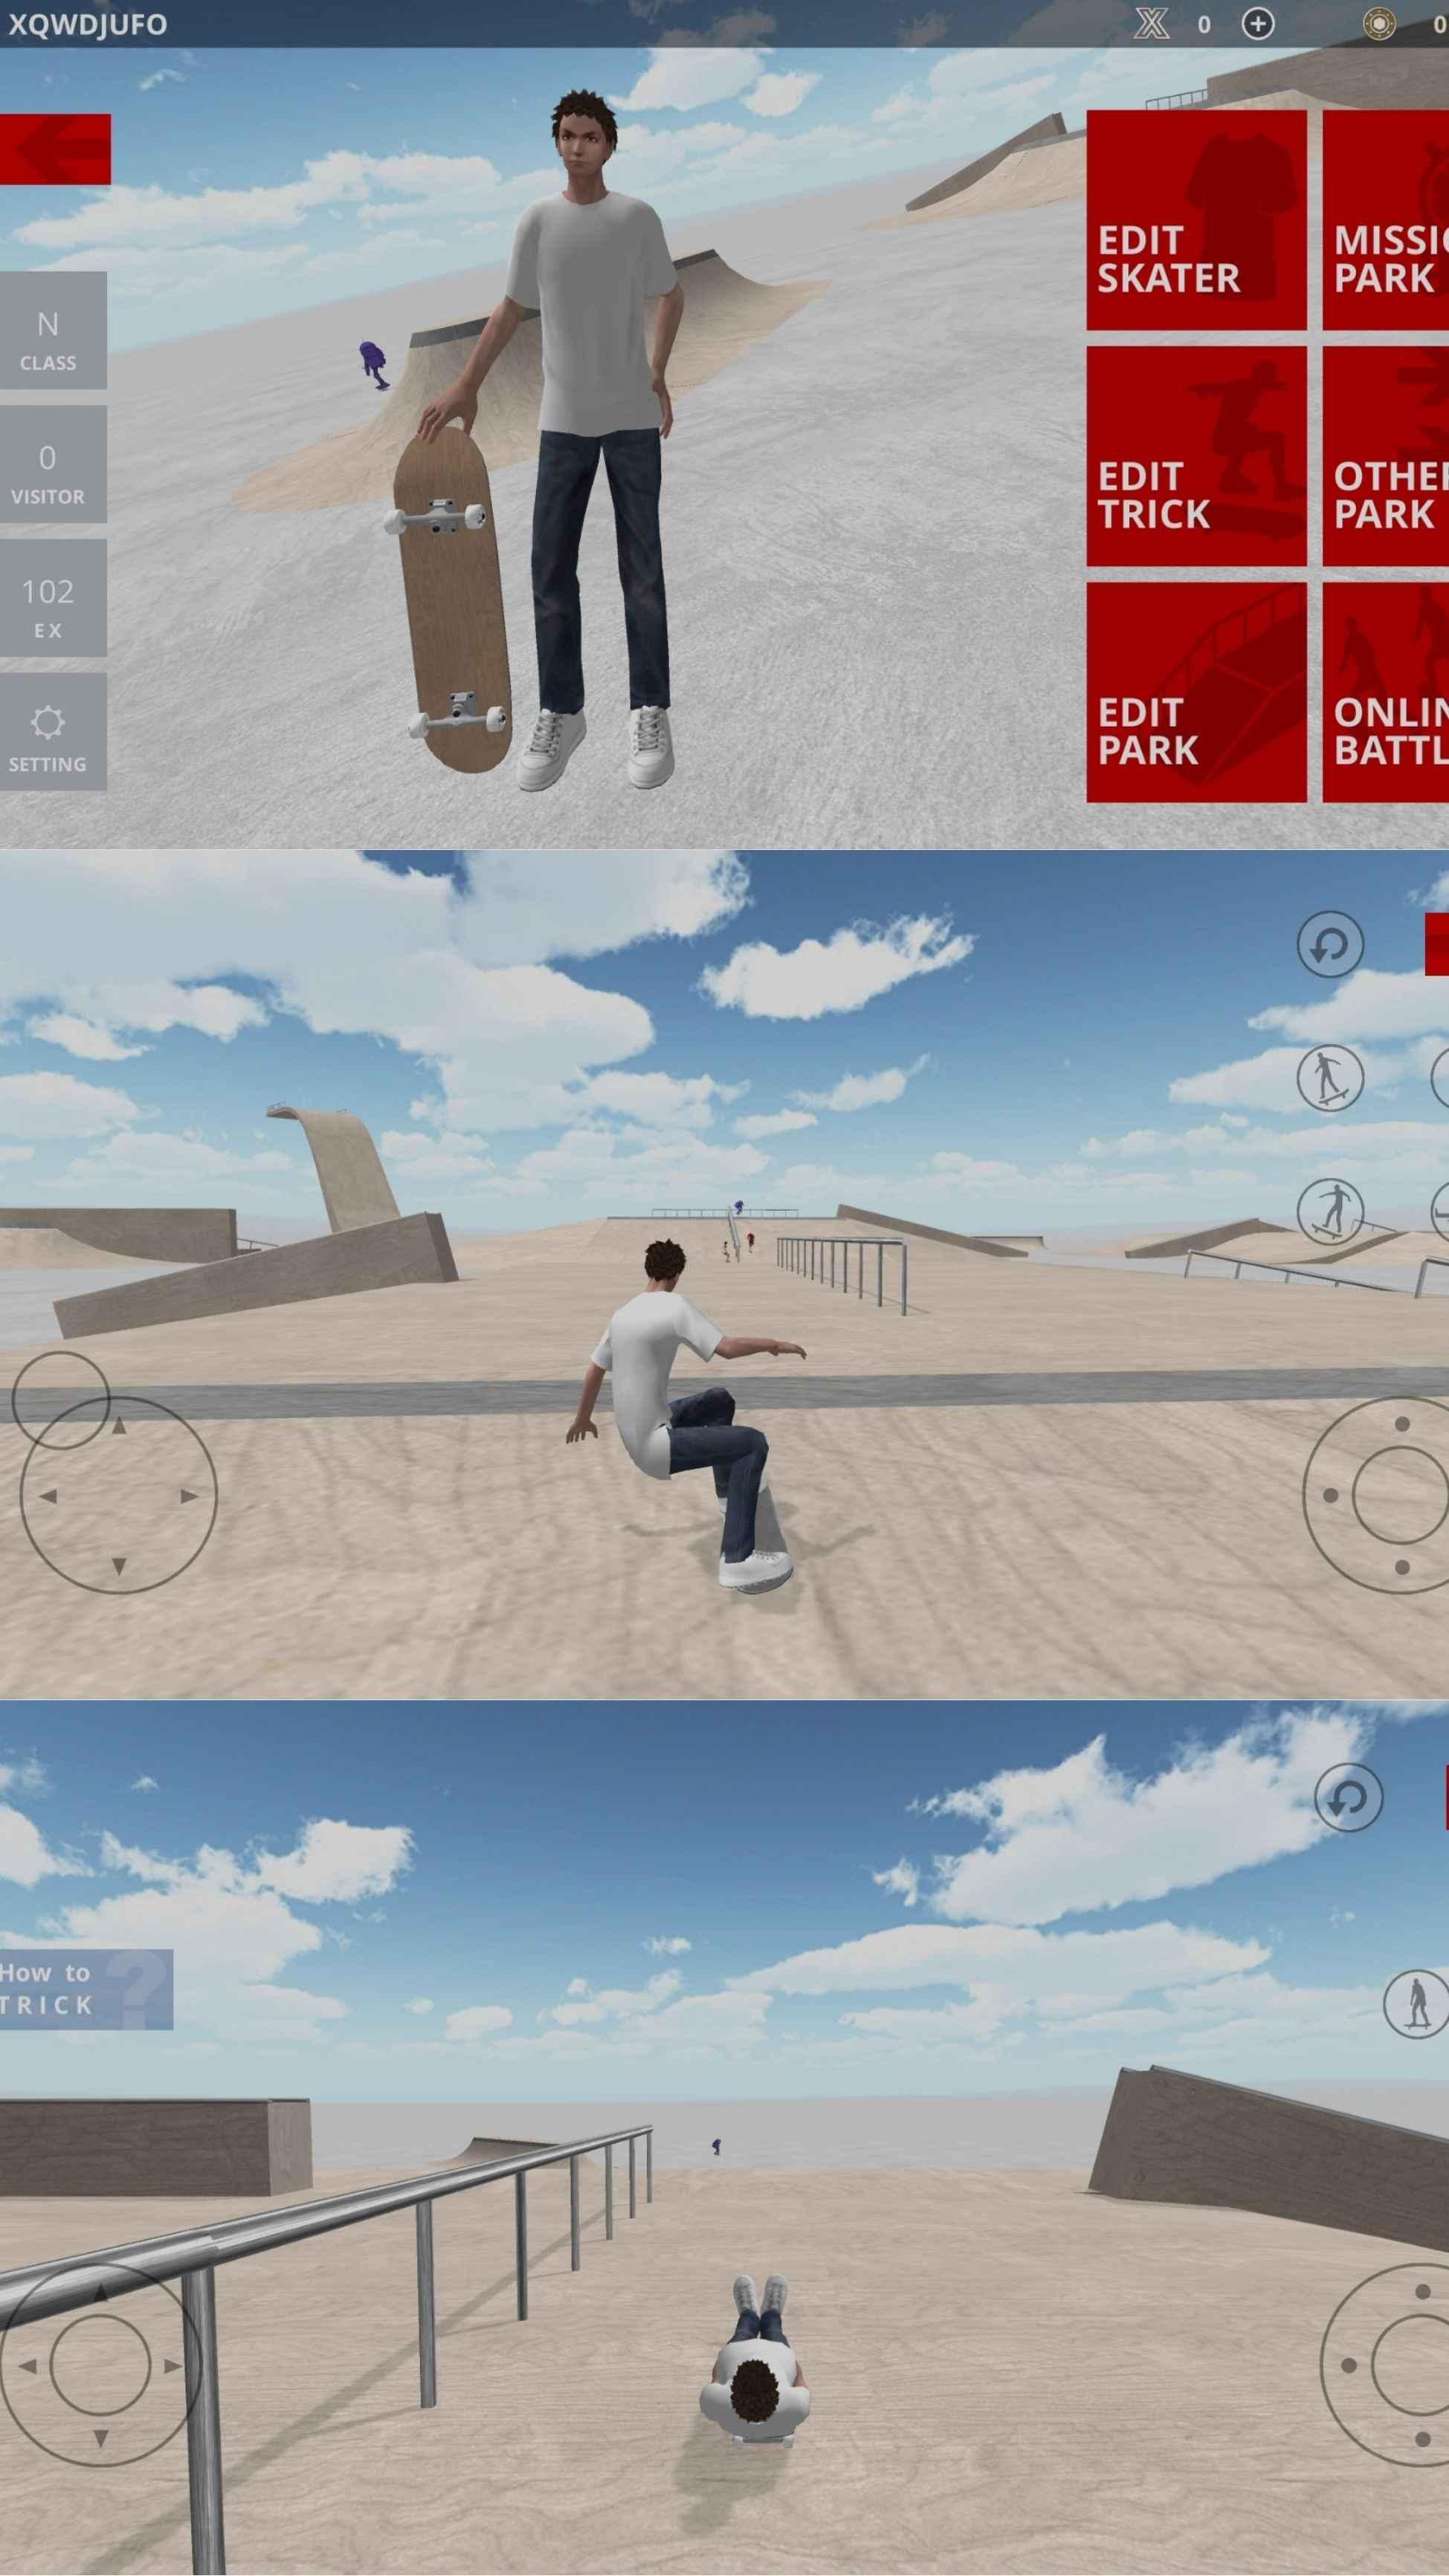 滑板空间优化版截图1